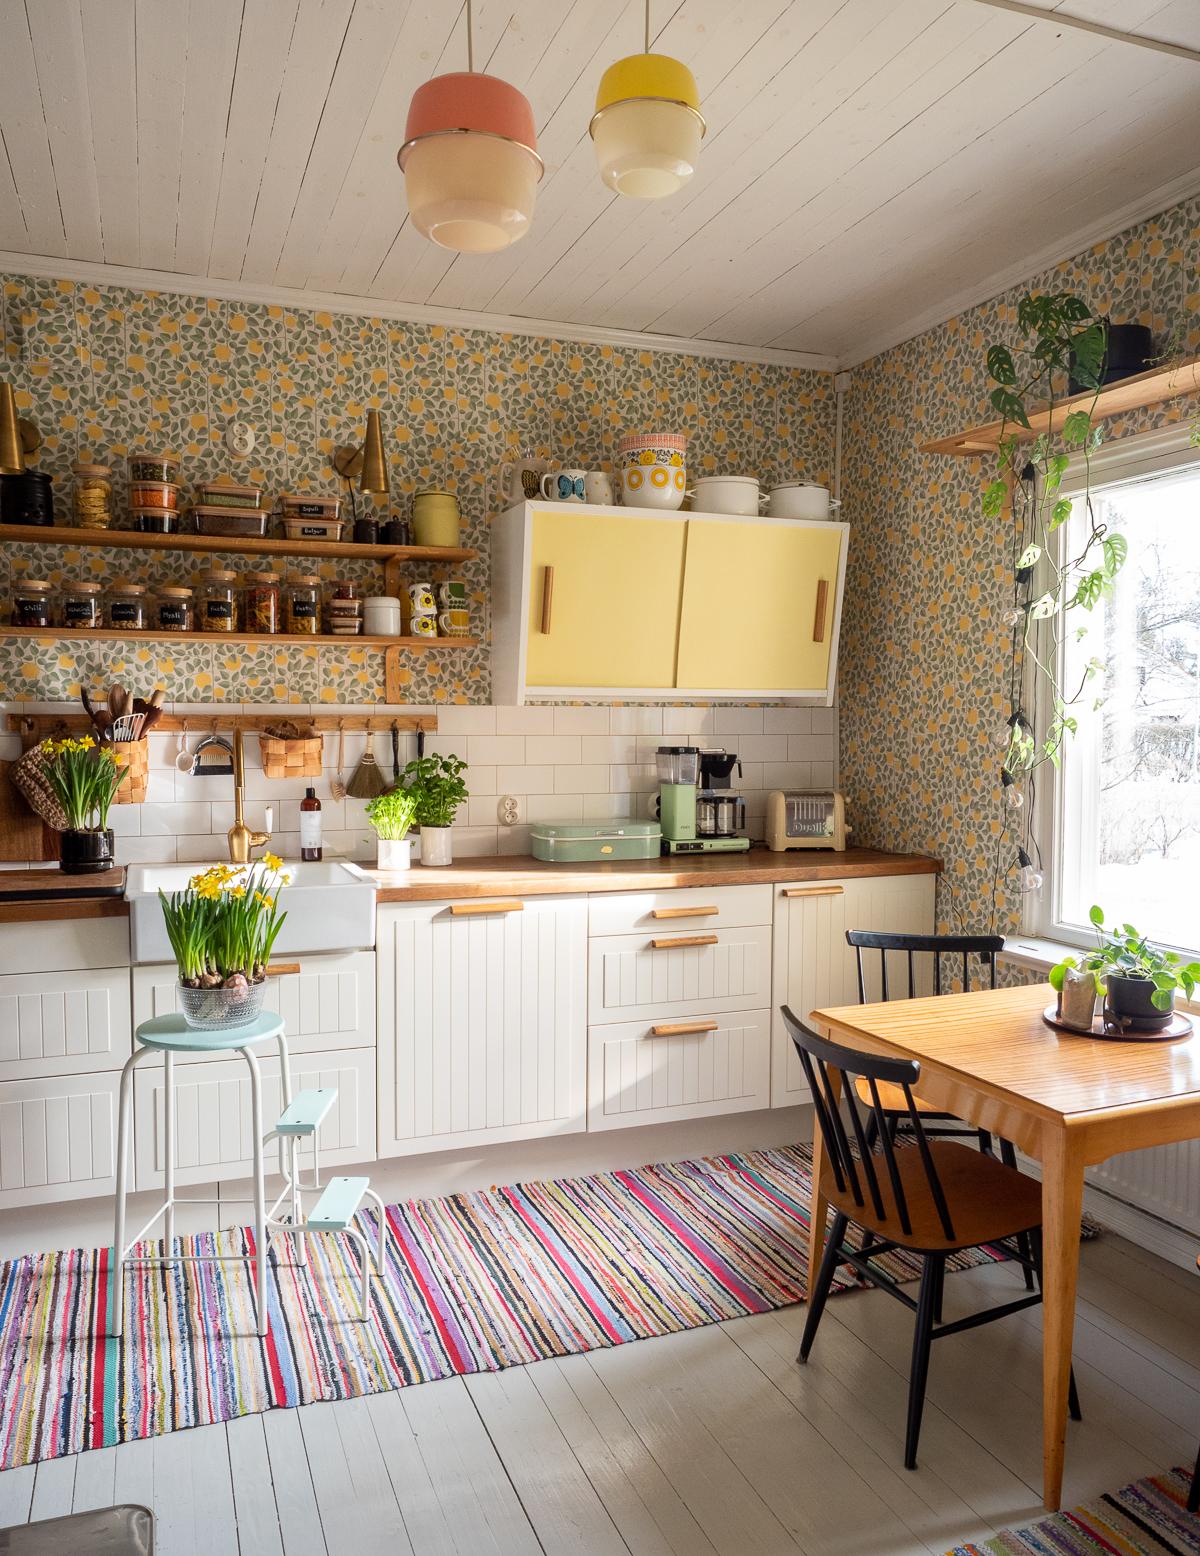 kokemuksia keittiön avohyllyistä